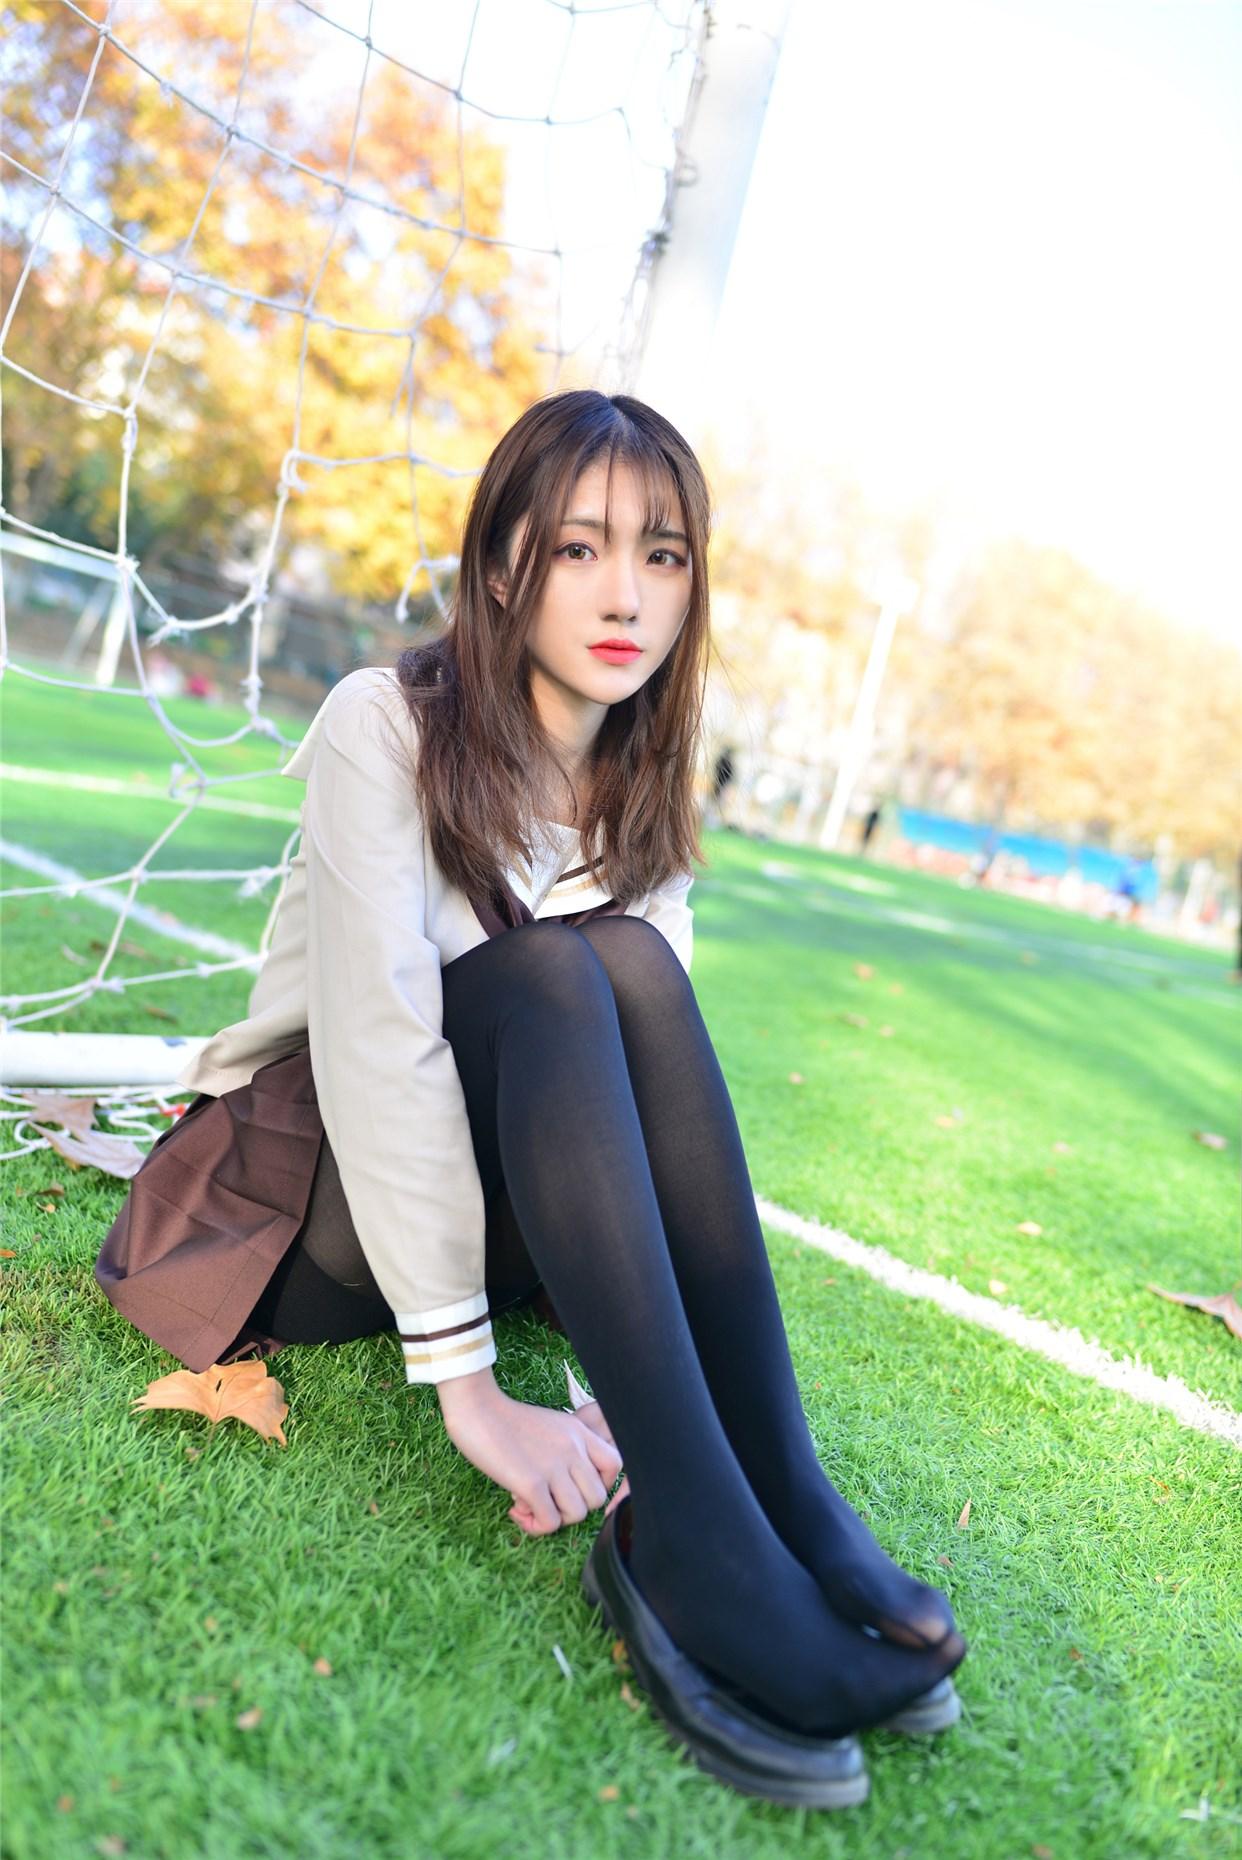 【兔玩映画】冬天里的JK黑丝 兔玩映画 第31张